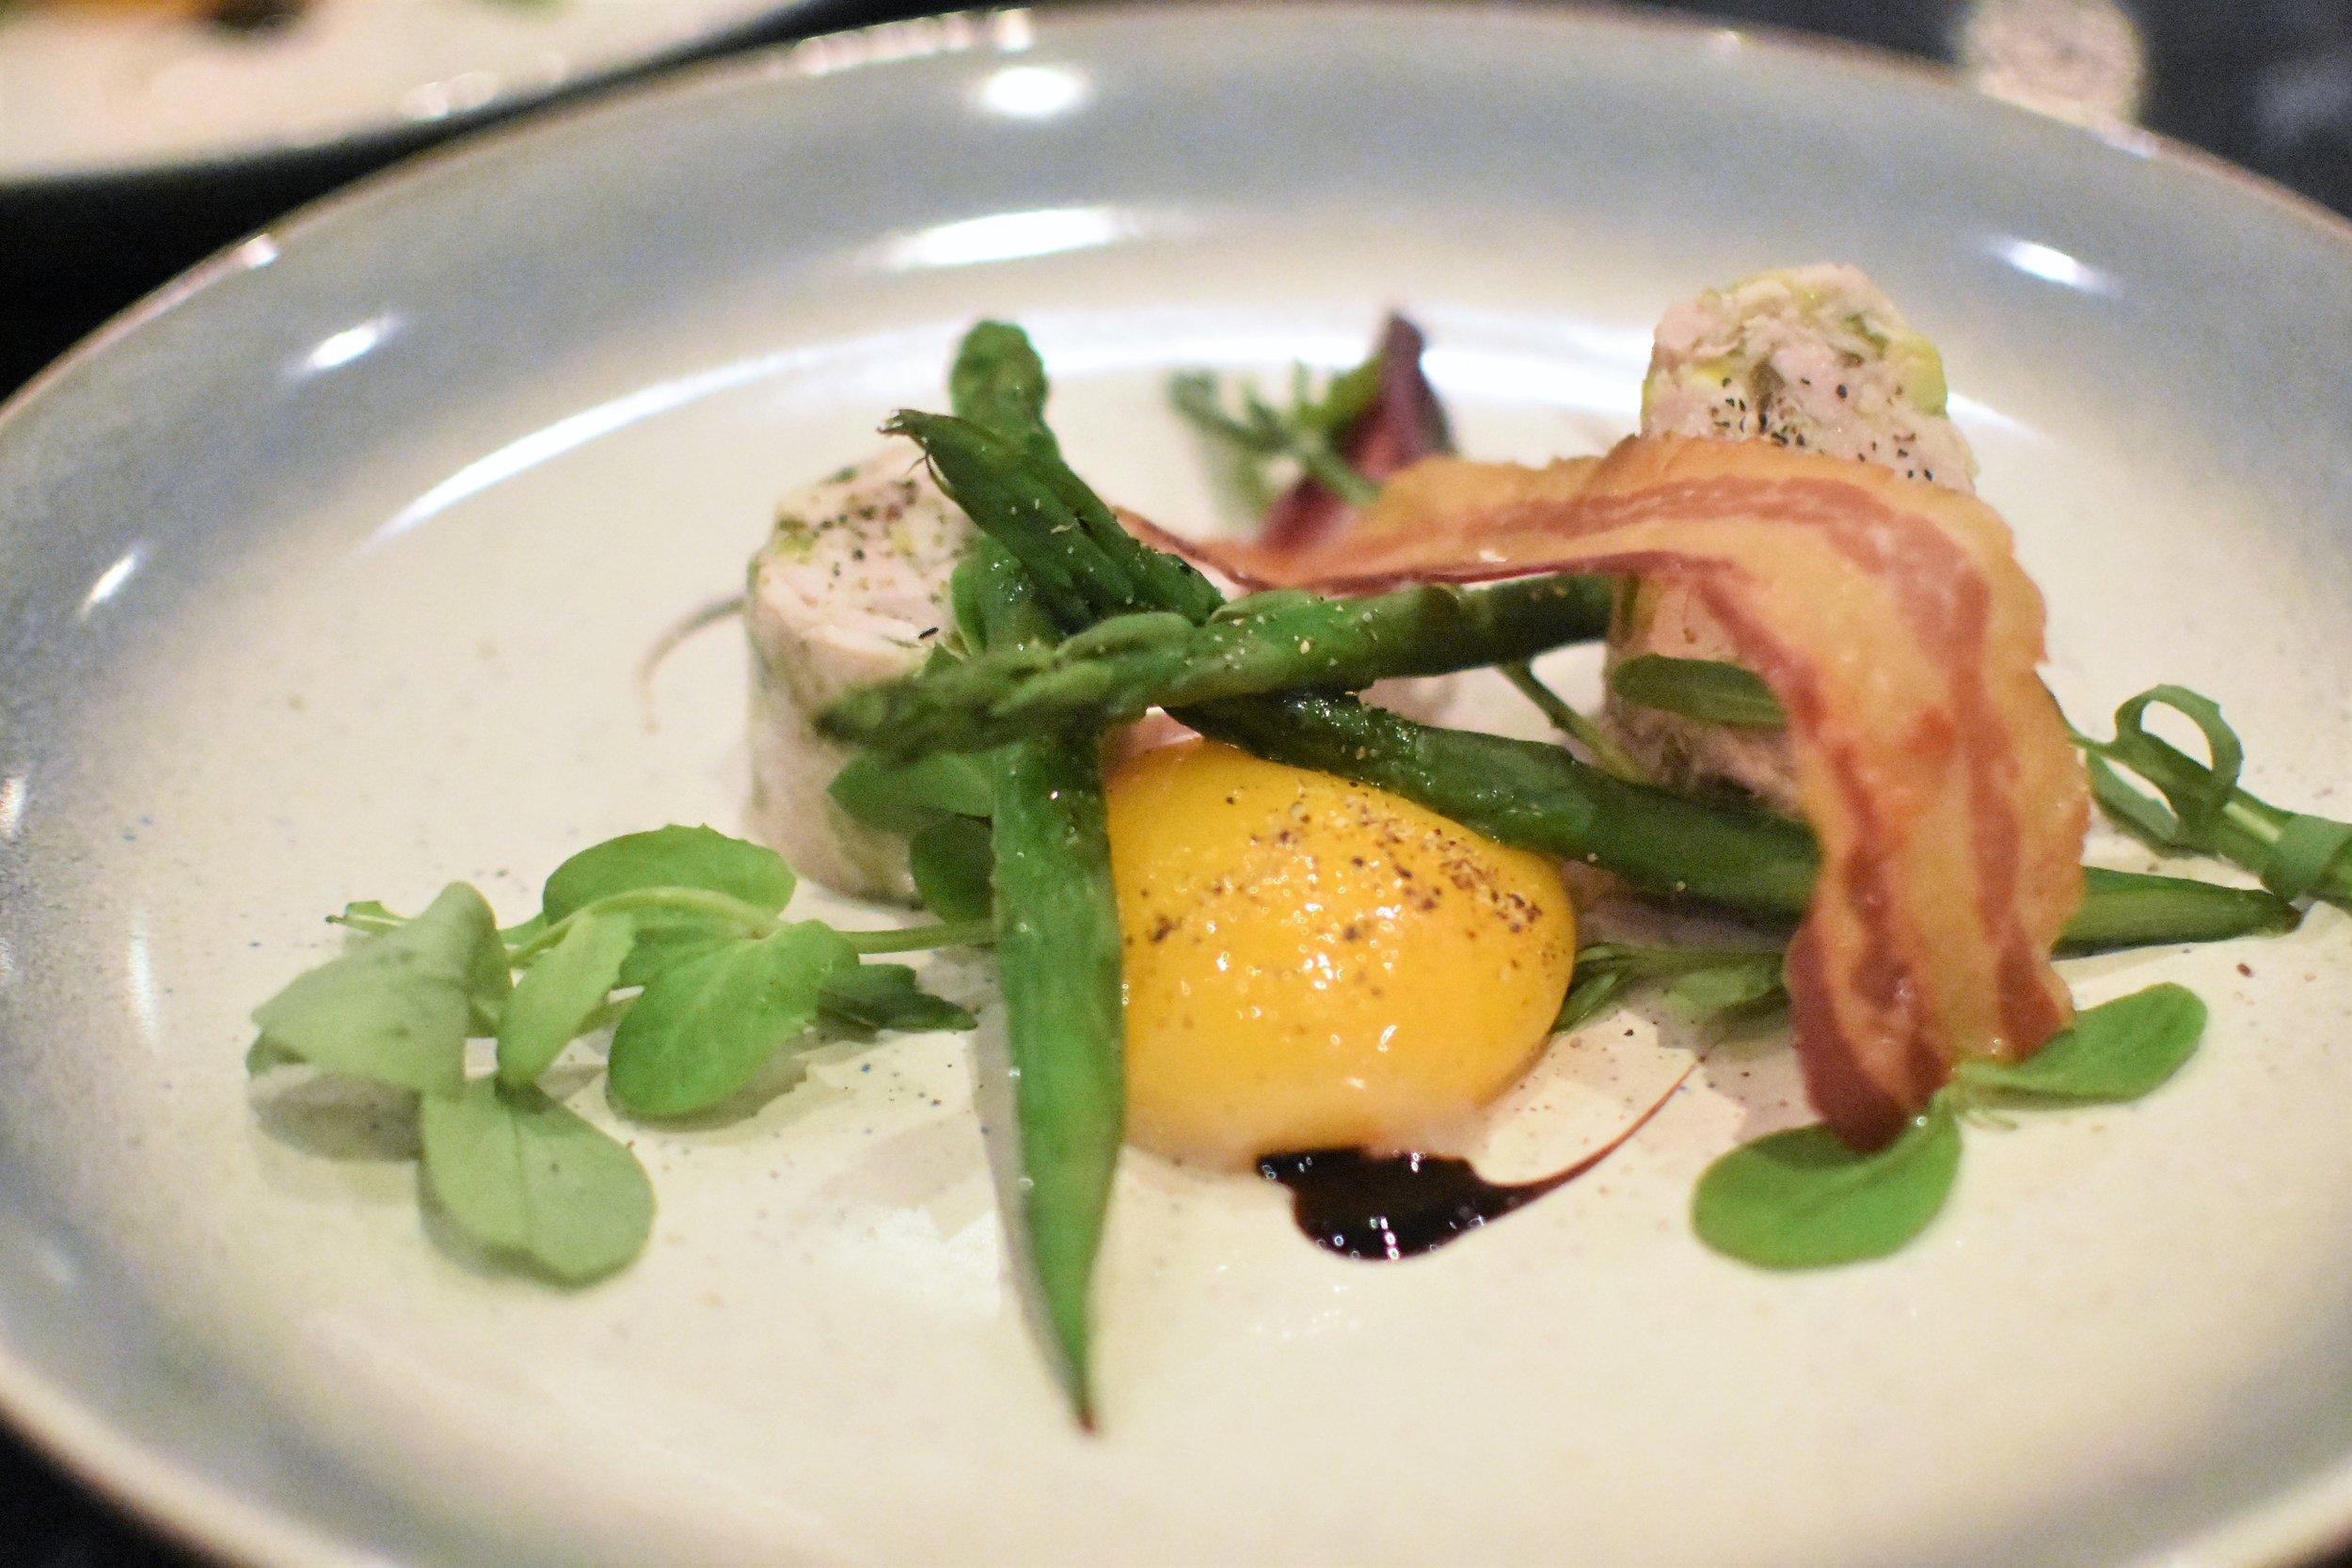 Chicken terrine - confit egg yolk